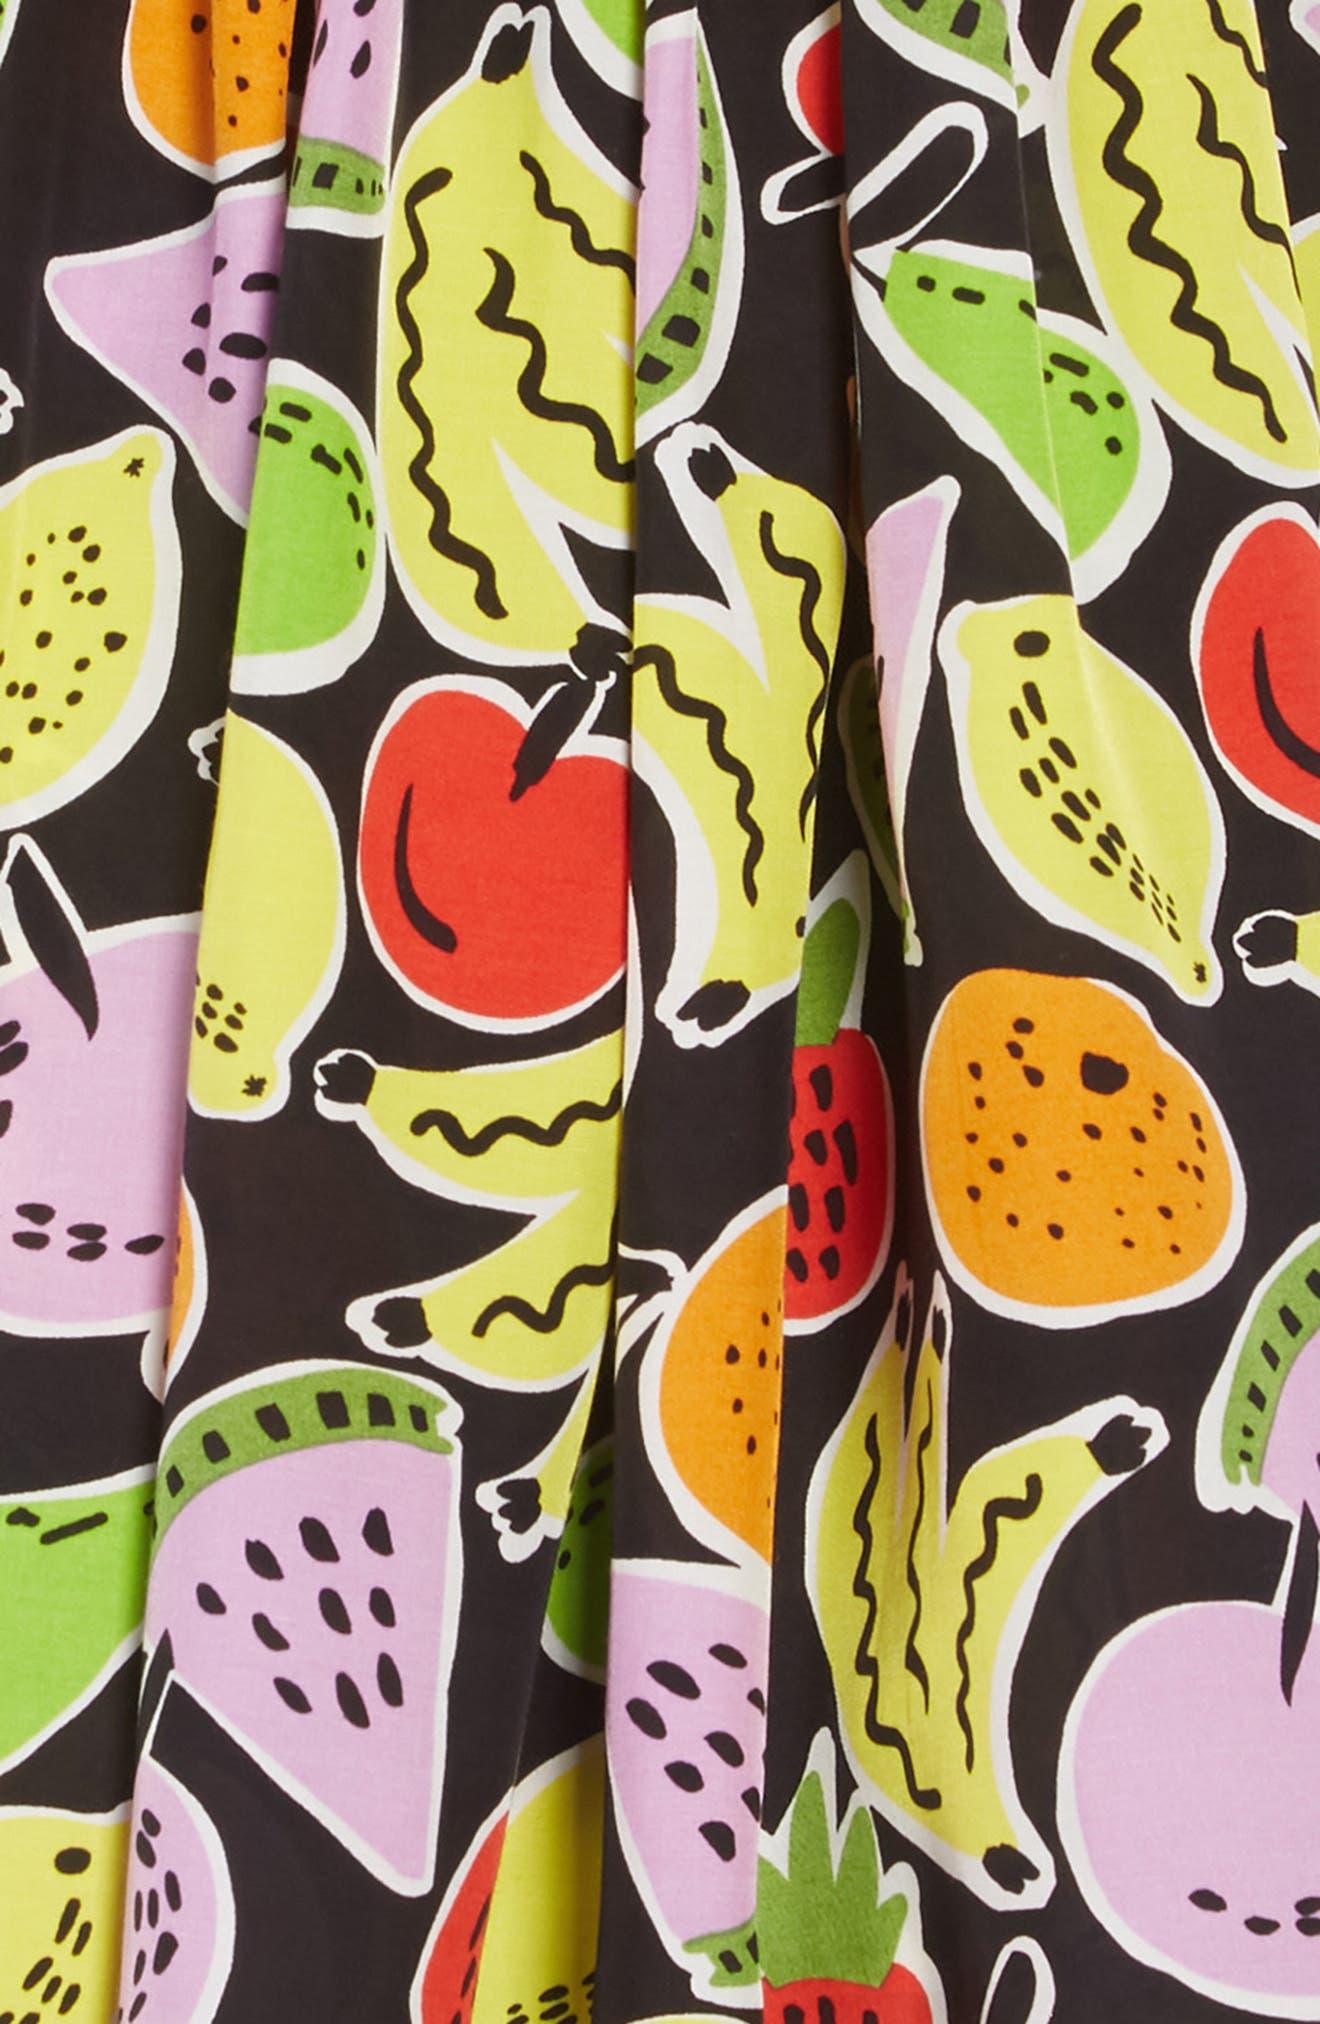 Stella McCartney Fruit Print Sundress,                             Alternate thumbnail 3, color,                             1090 BLACK